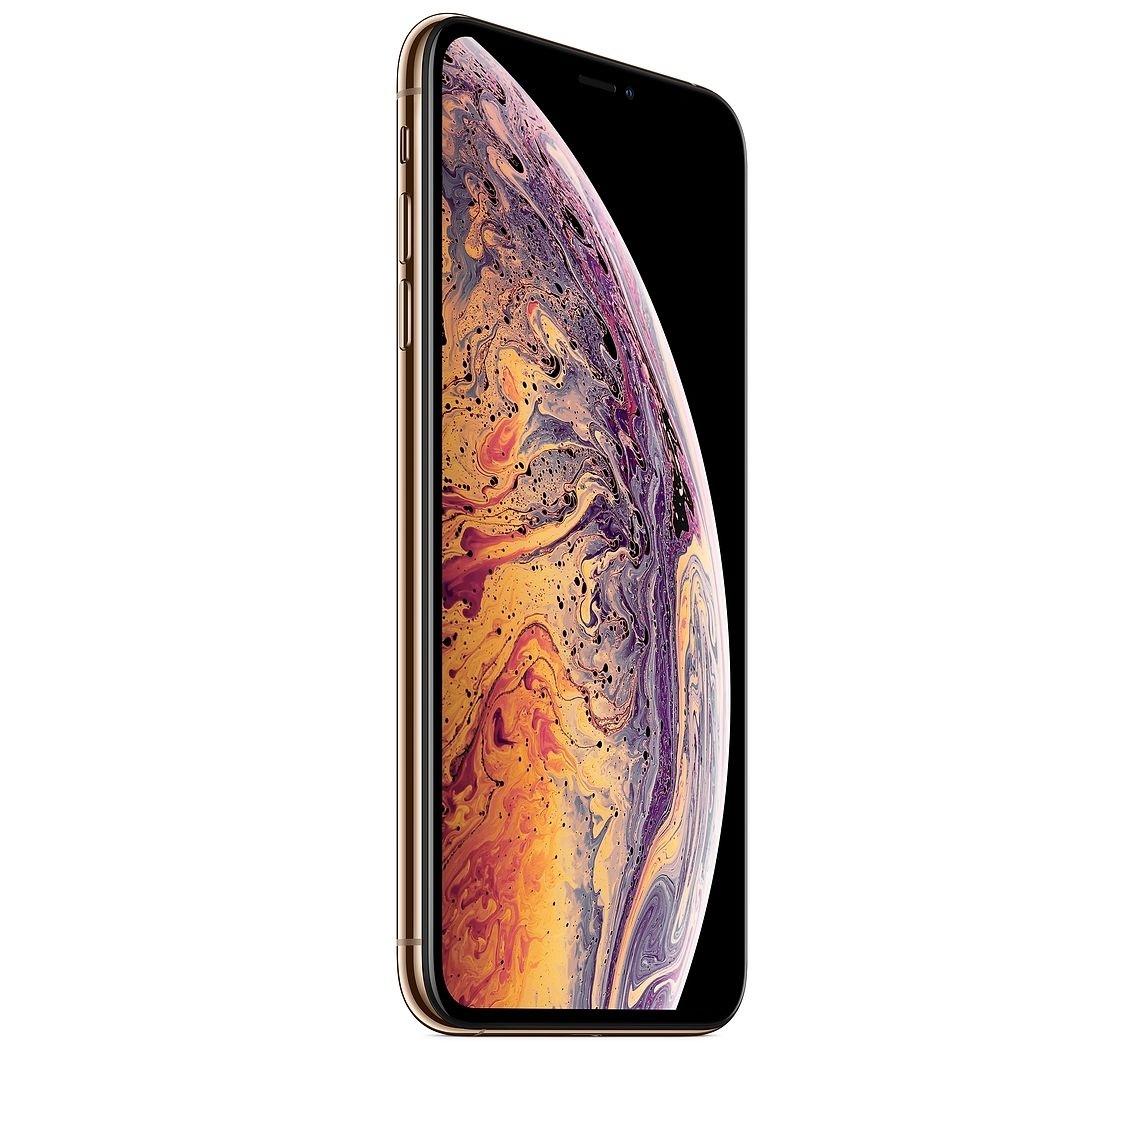 تصاویر آیفون ایکس اس مکس - iphone xs max